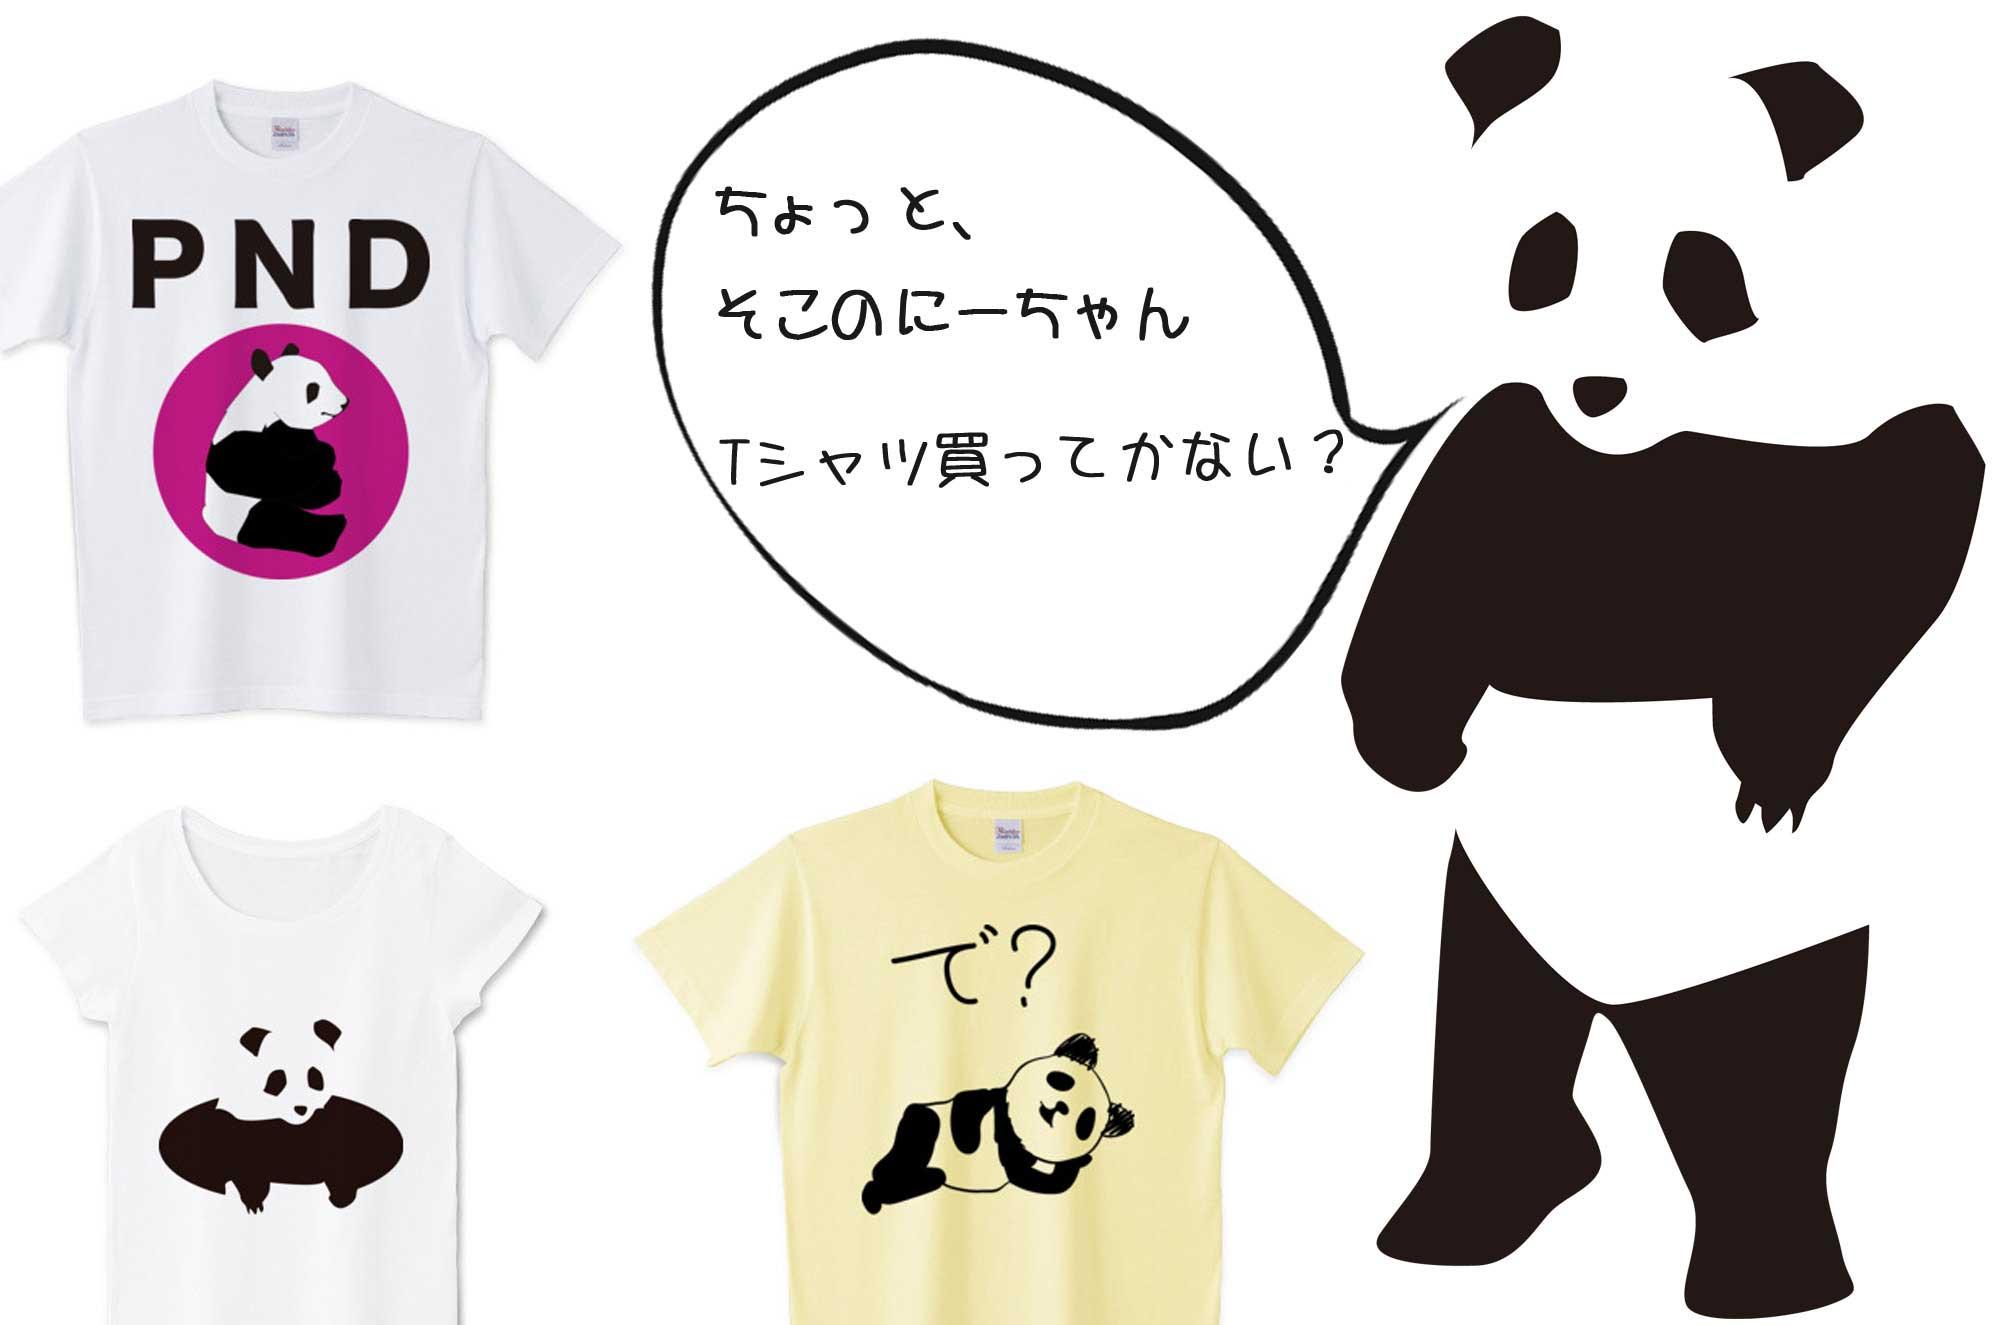 パンダTシャツ - おもしろおかしいアニマルグッズ